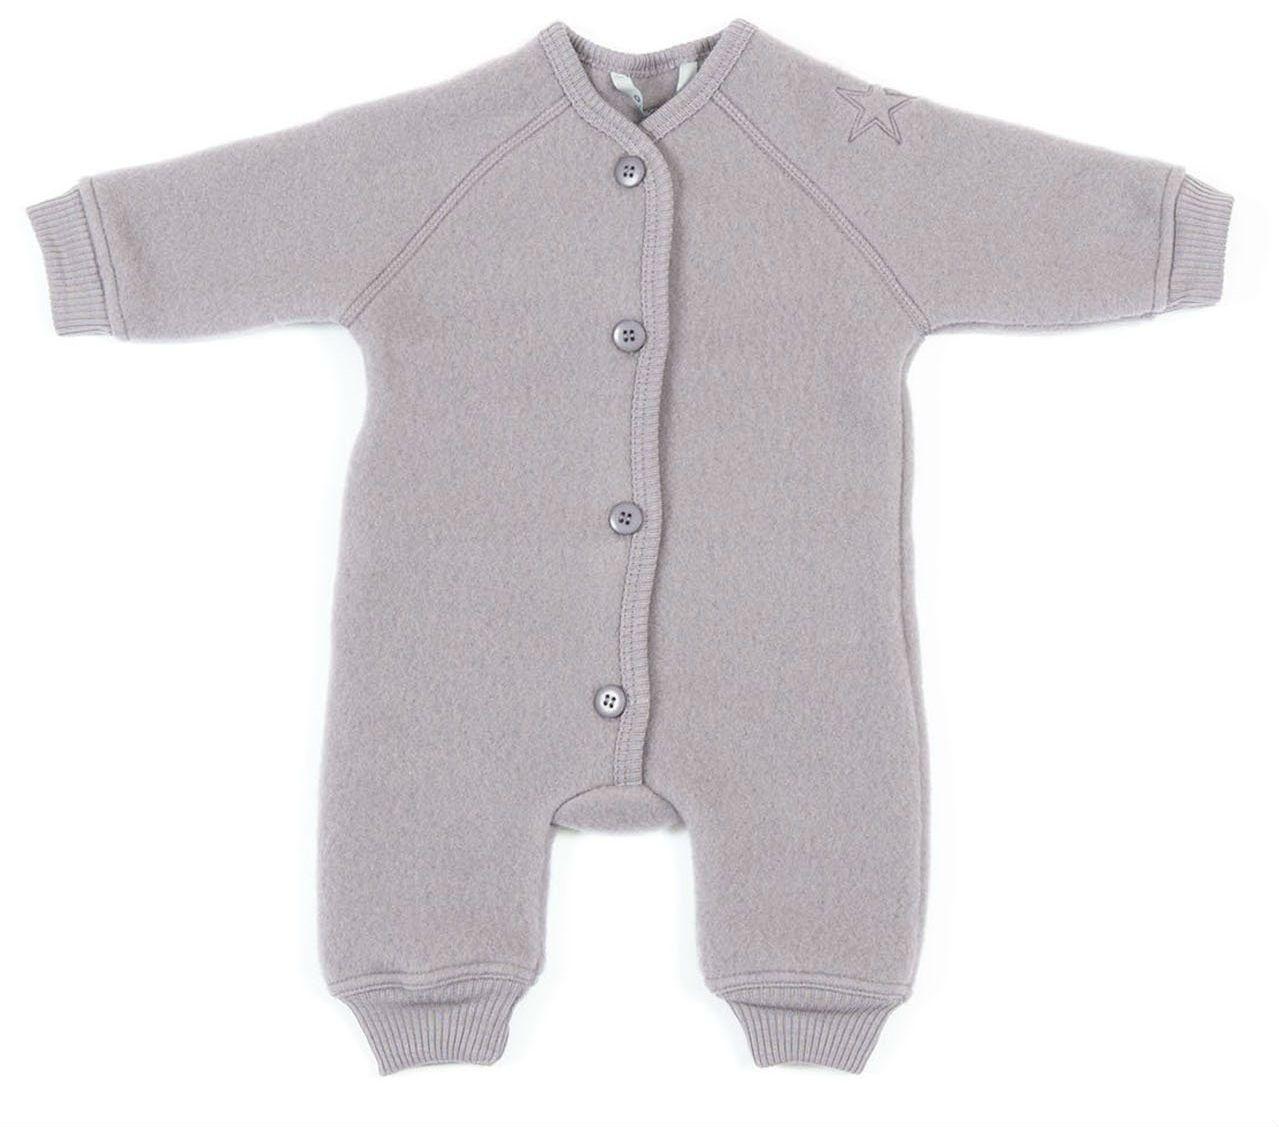 Billede af jumpsuit fra Smallstuff i merino uld med knapper - Støvet lilla